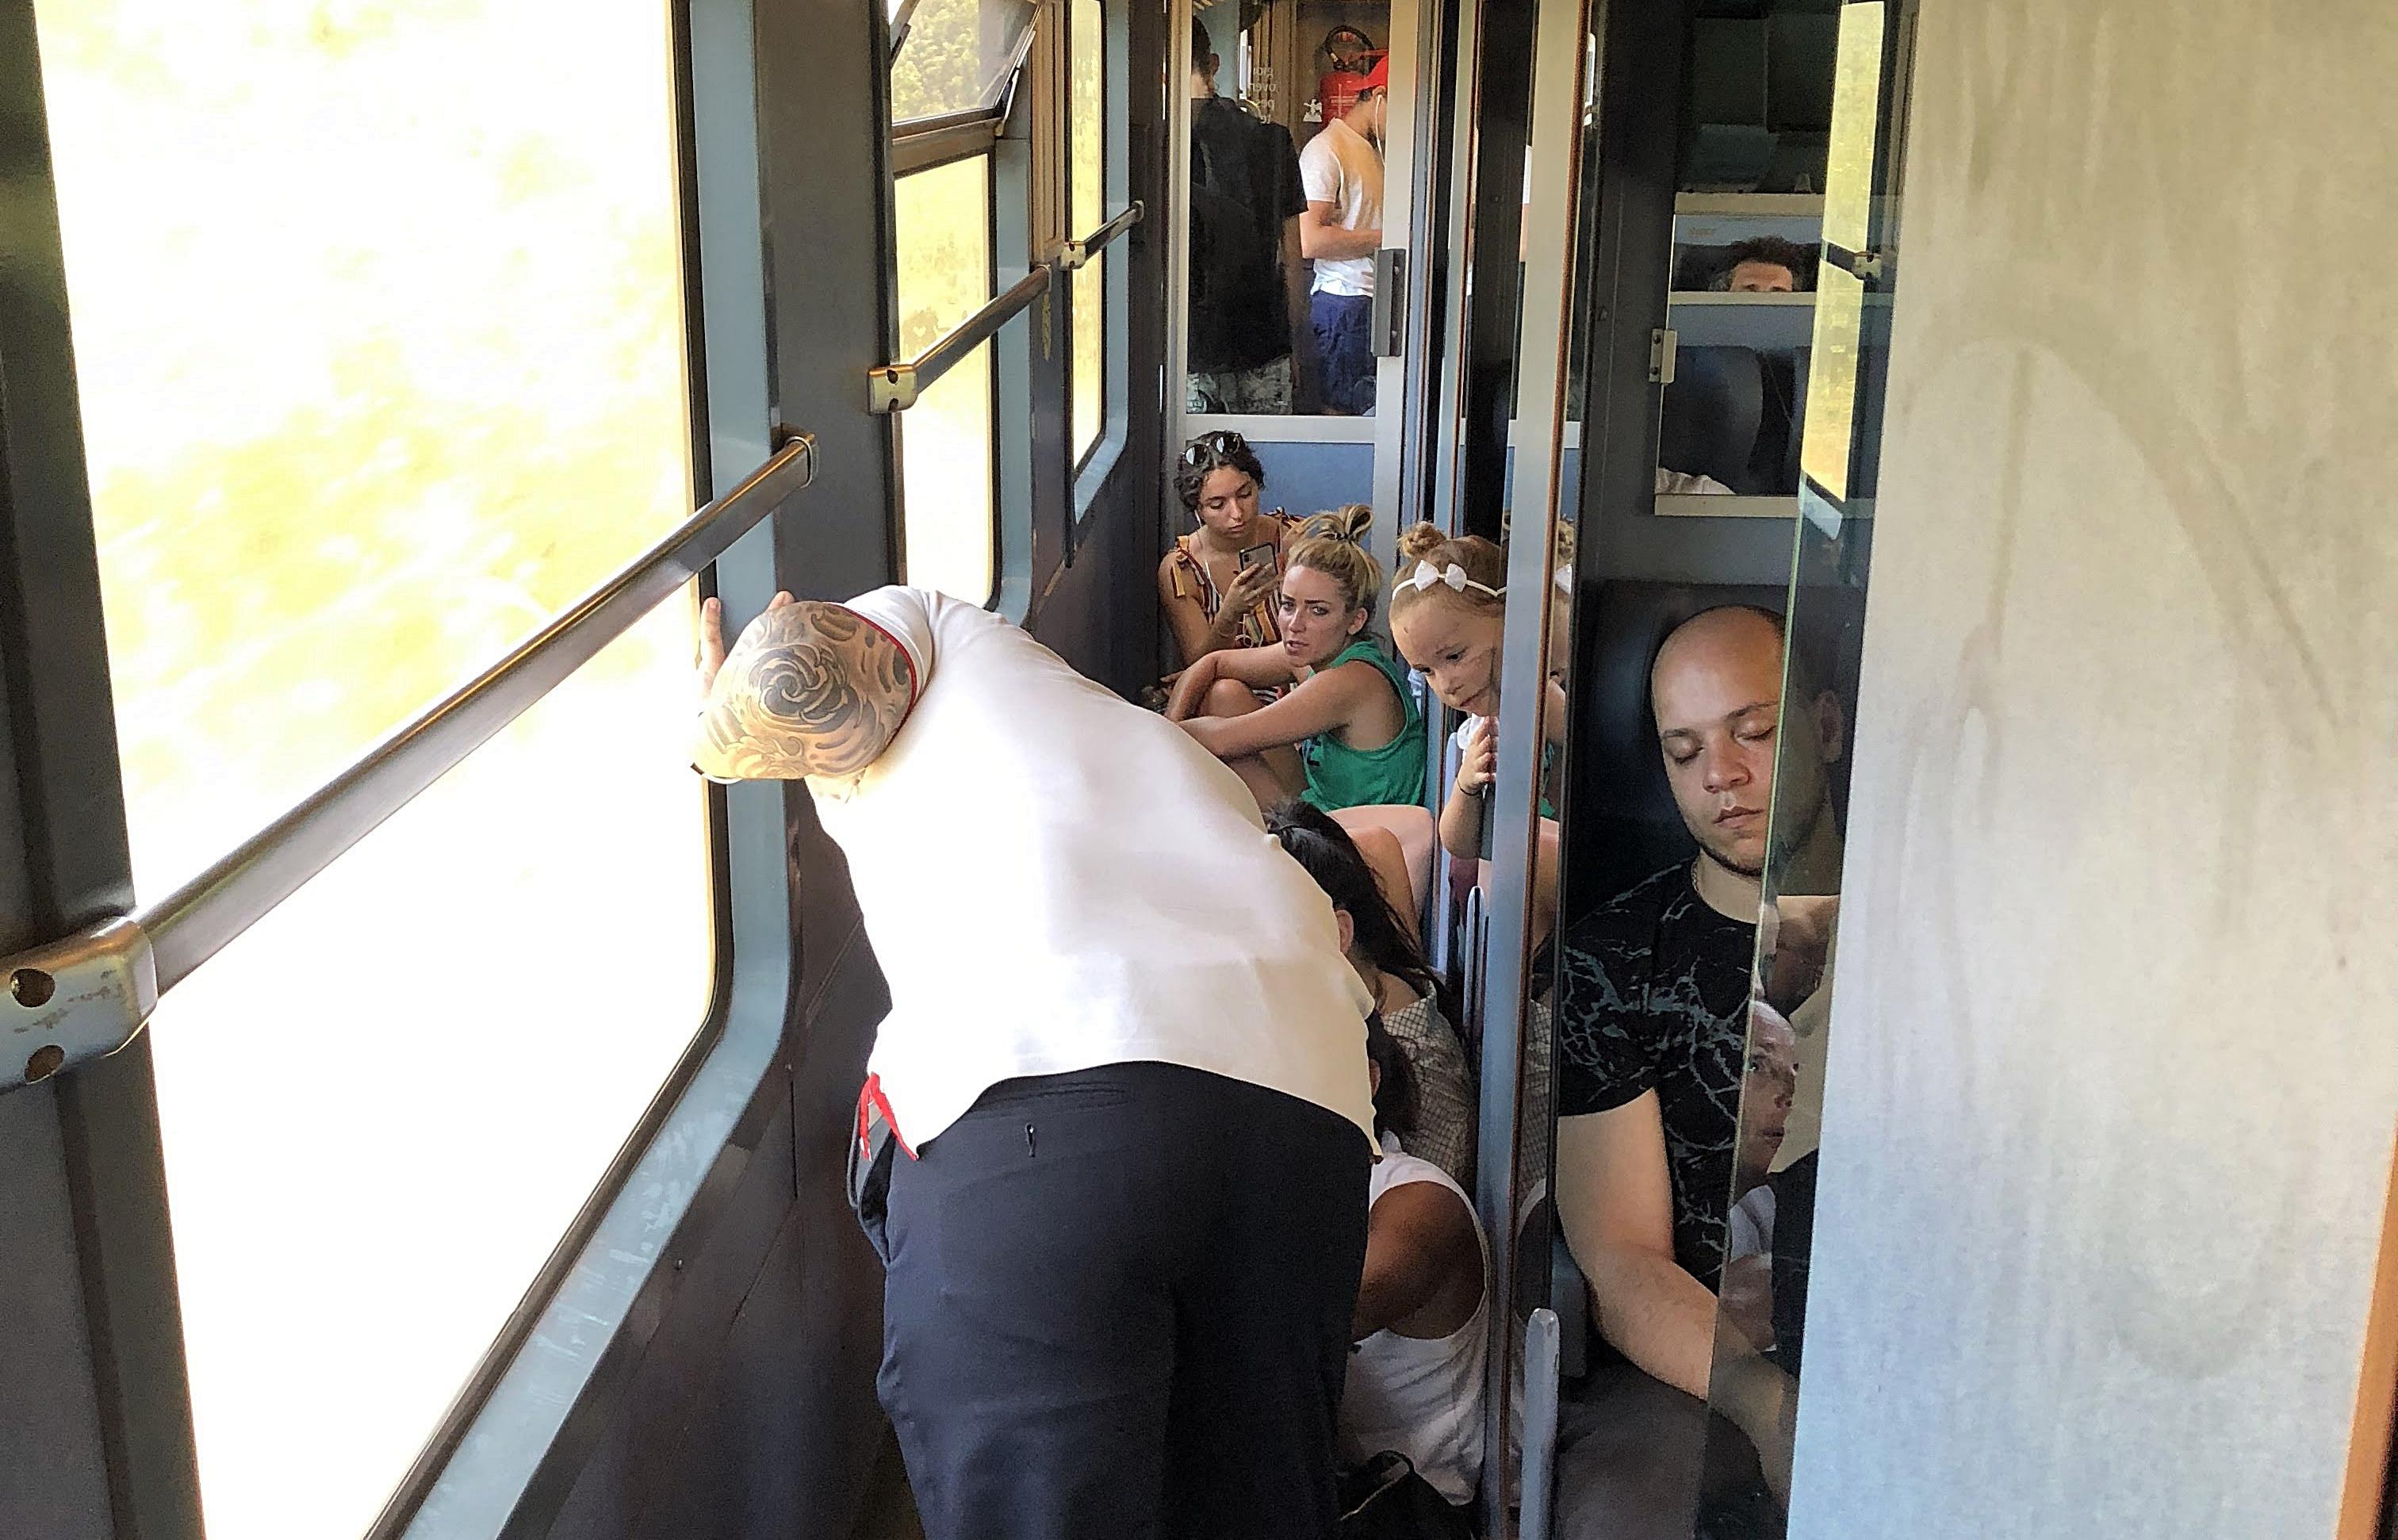 La 1ère classe sur le TER Marseille-Cannes... ça laisse rêveur, non ? - DR